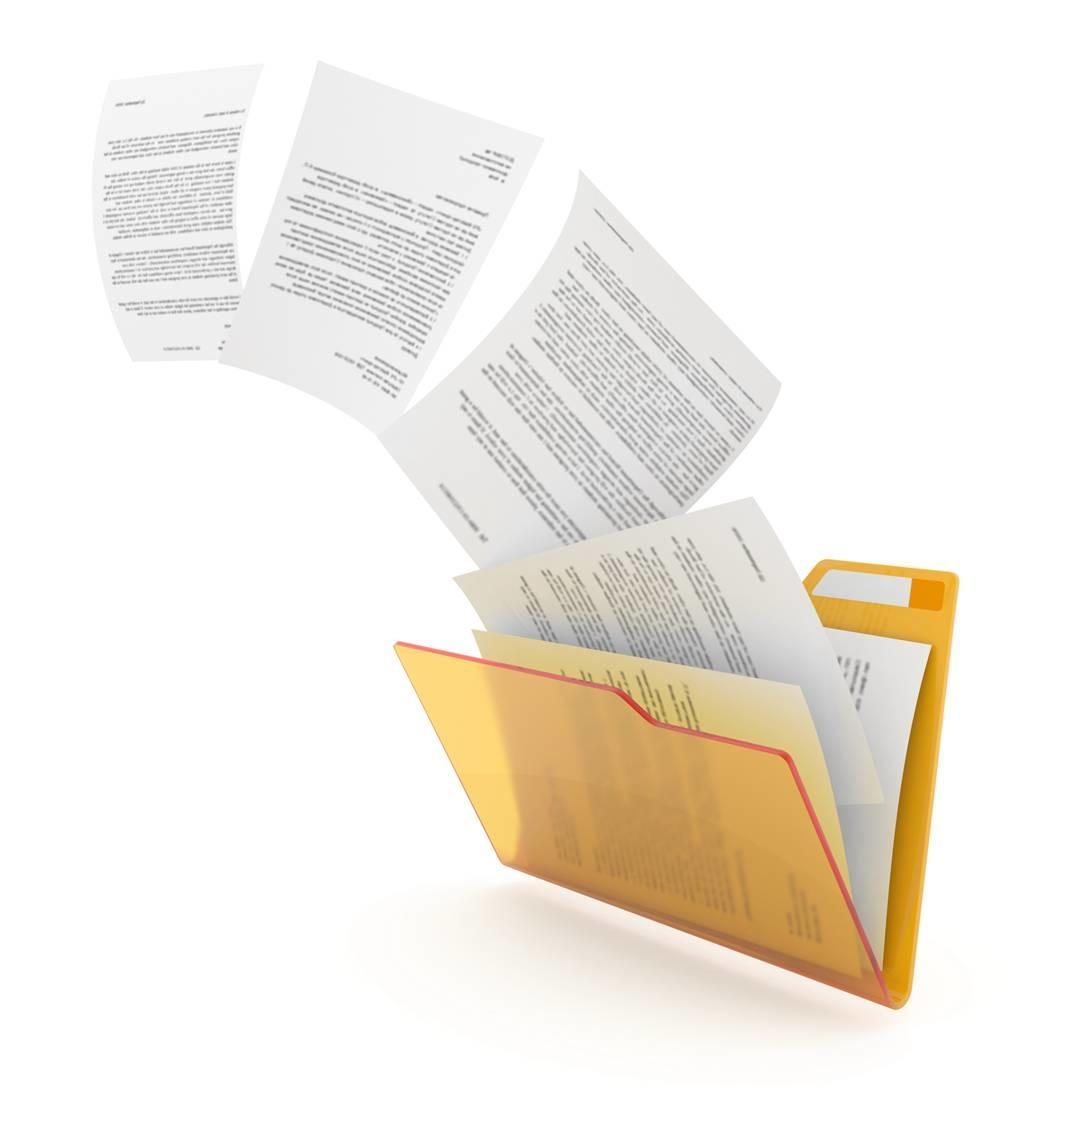 Как разбить пдф файл на страницы?